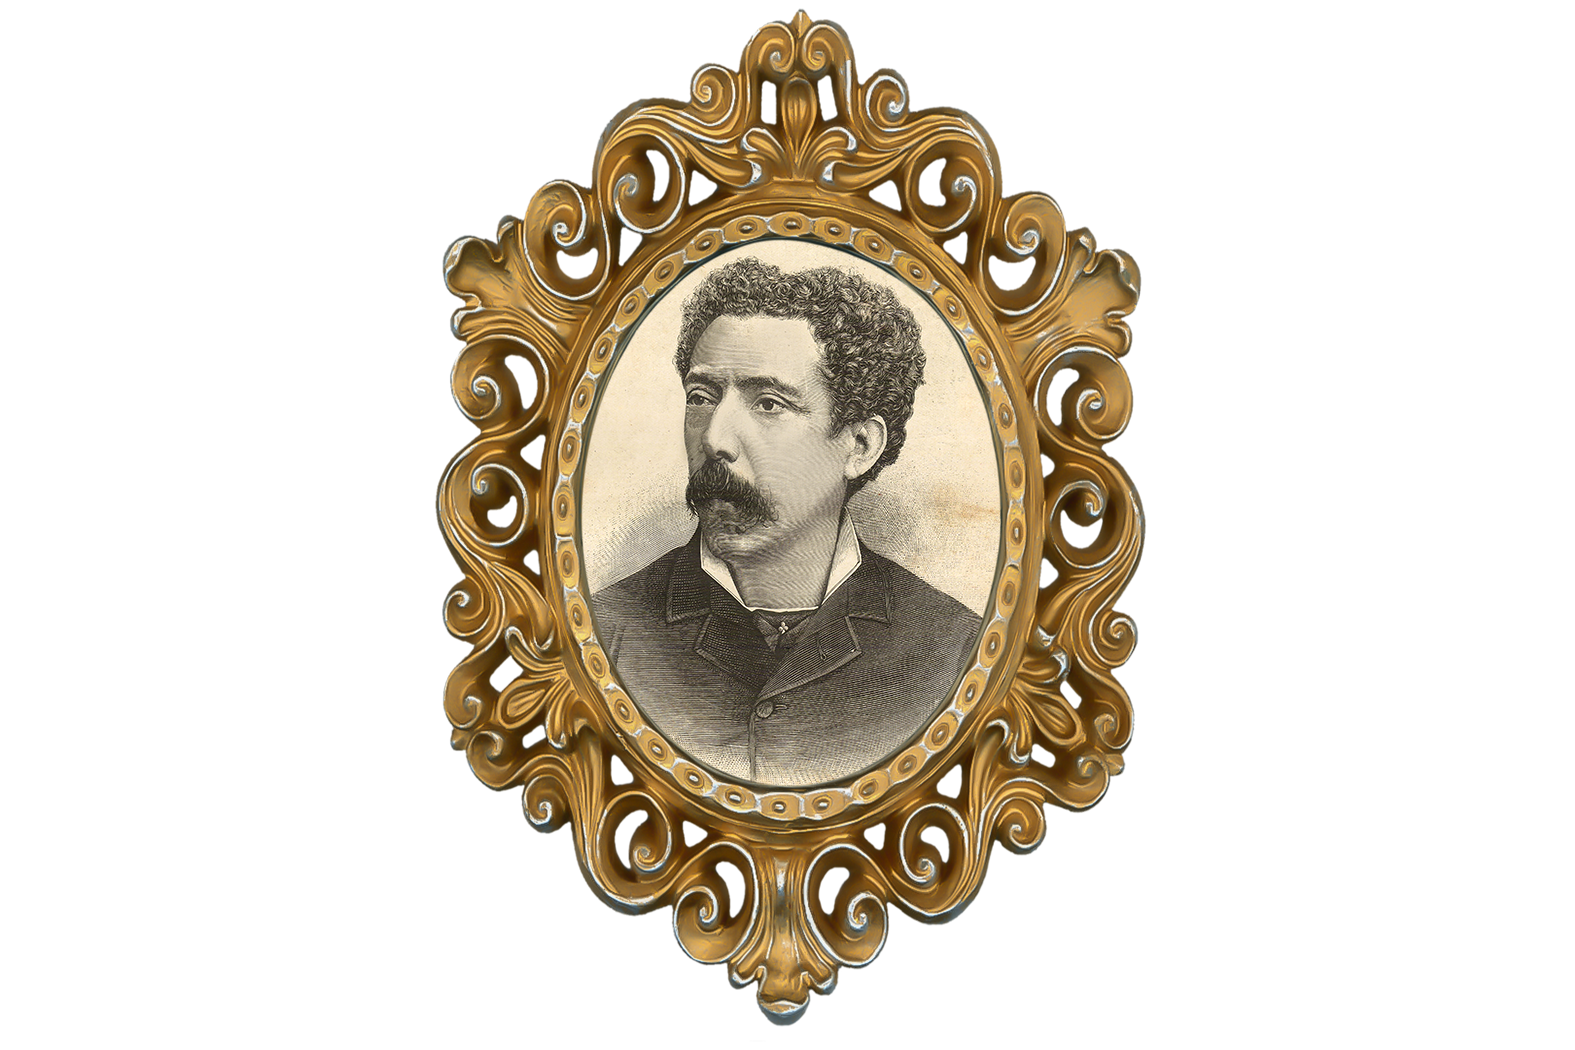 Dr. Sousa Martins